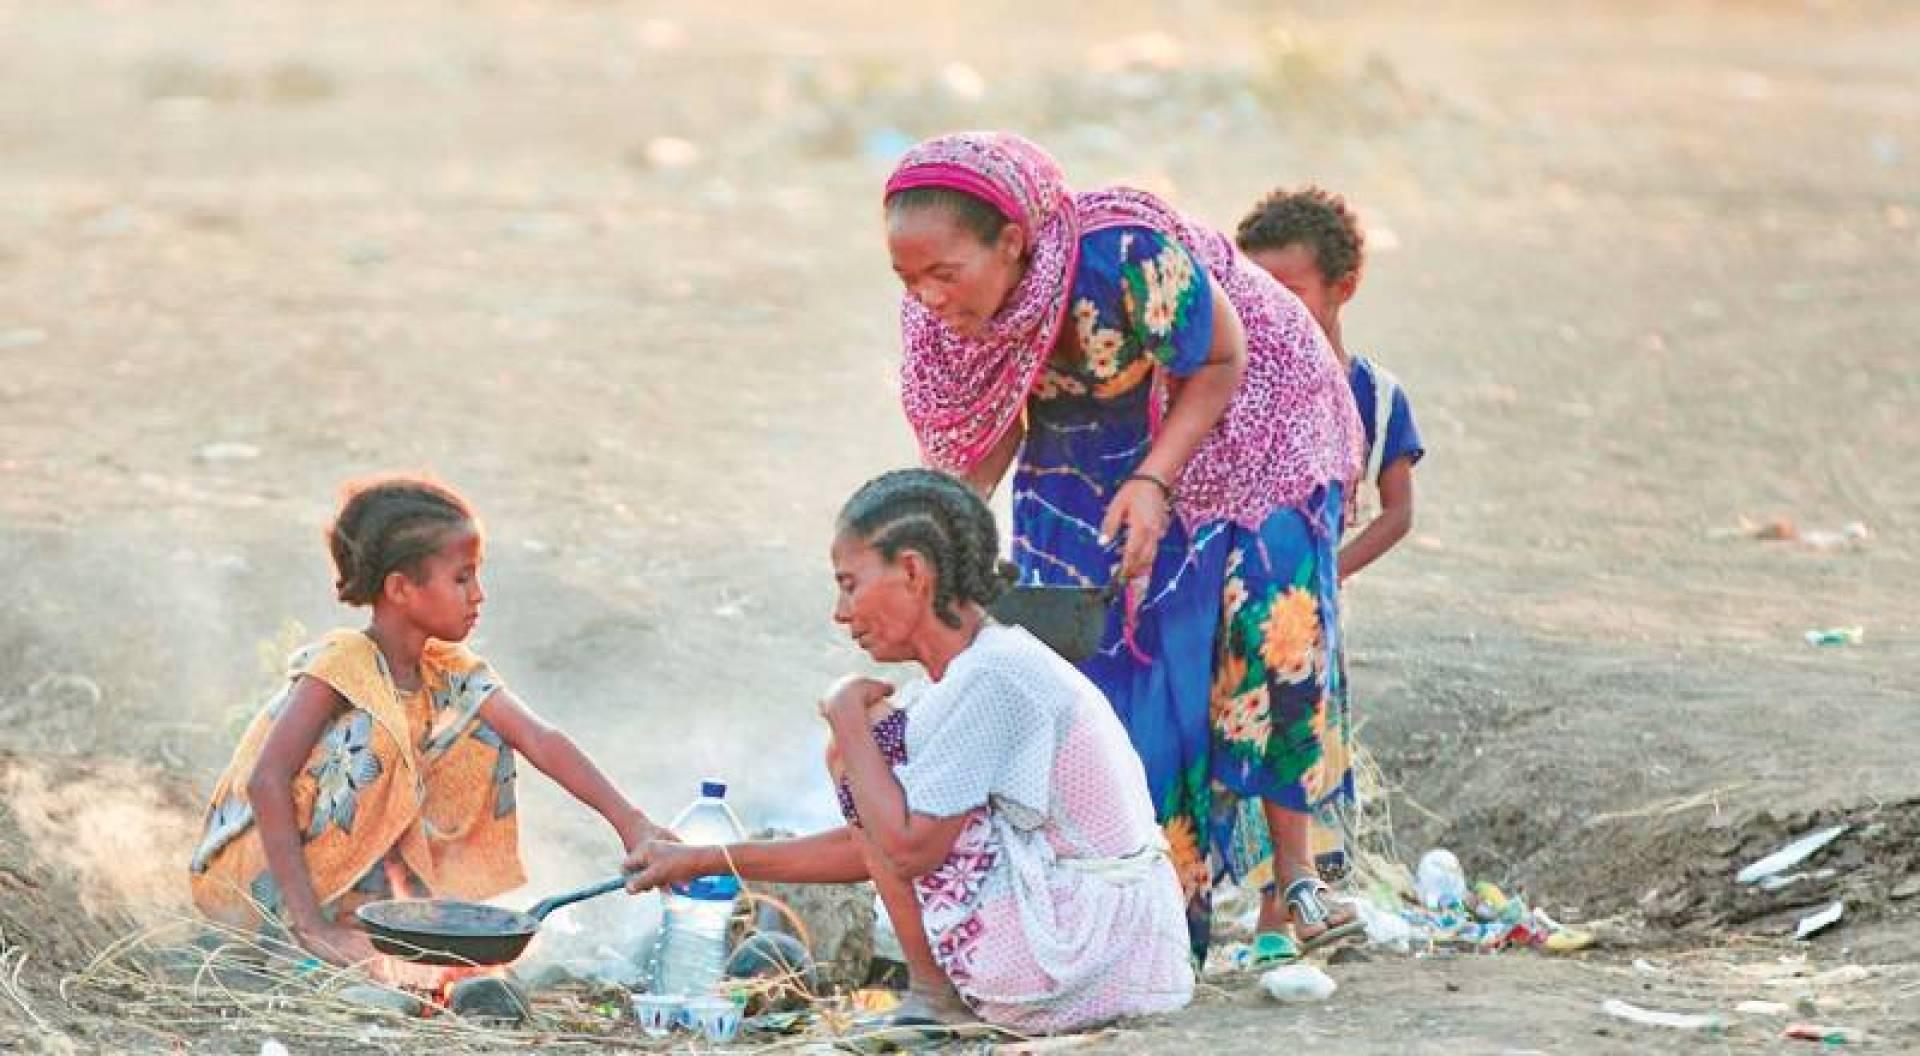 مهجَّرون أثيوبيون من تيغراي في مركز بولاية كسلا شرقي السودان (أ.ف.ب)